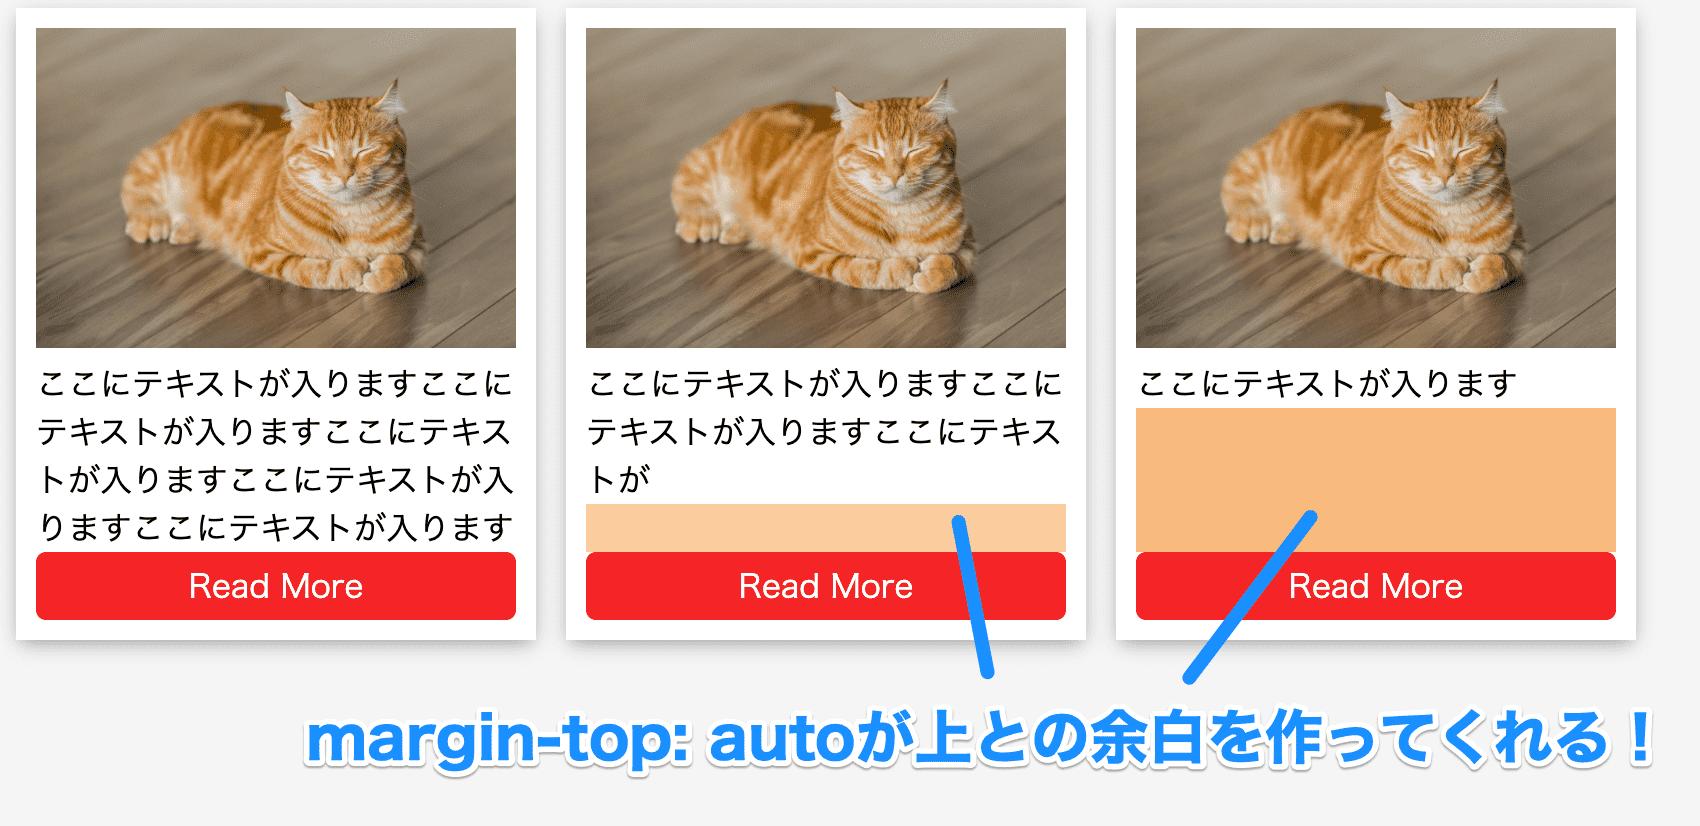 下端に揃えるにはmargin-top:autoを指定するのが重要